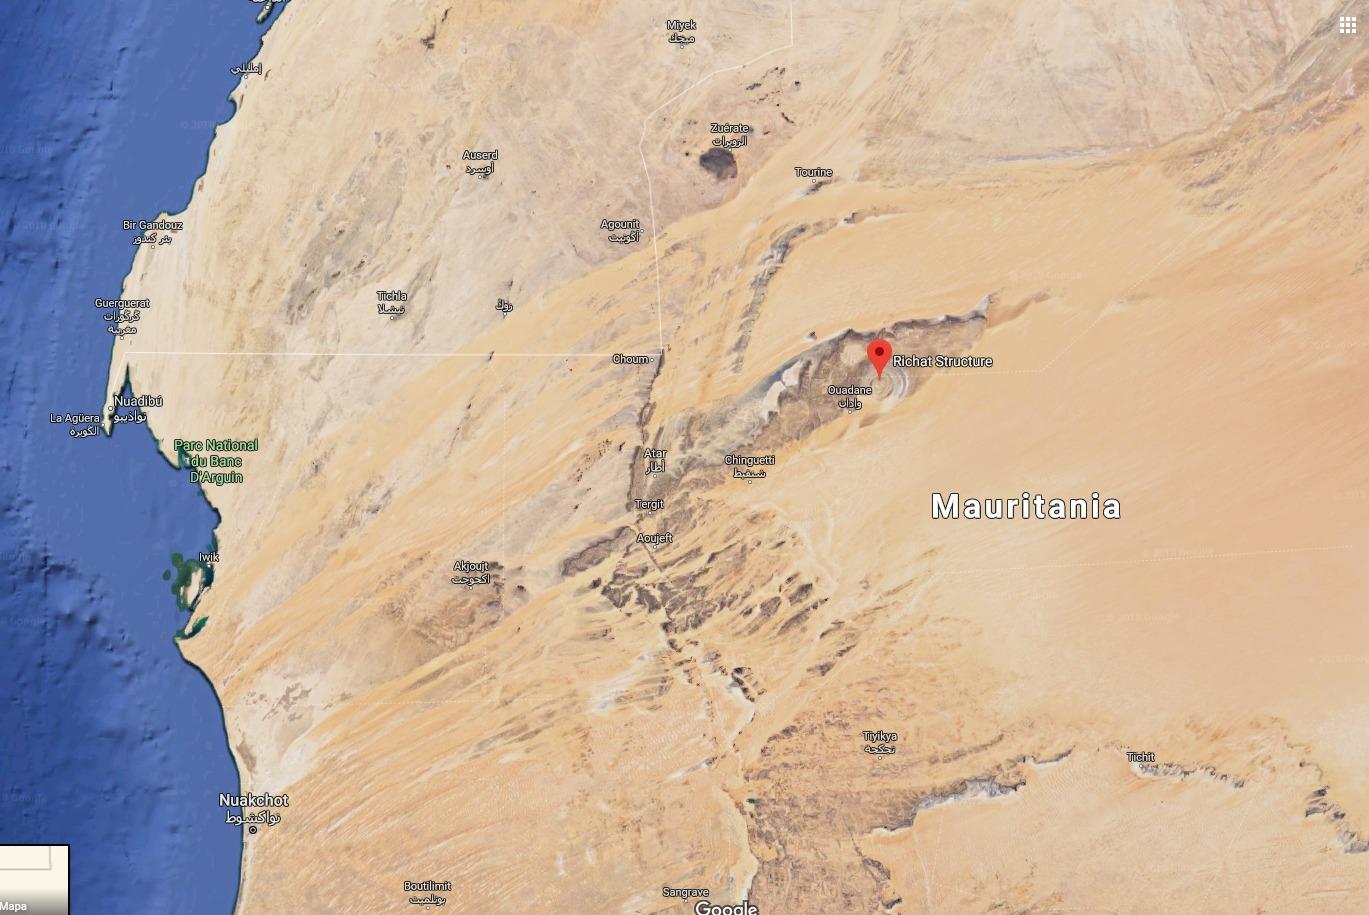 ¿Qué? ¿La Atlántida existió y pudo haber estado ubicada en África?